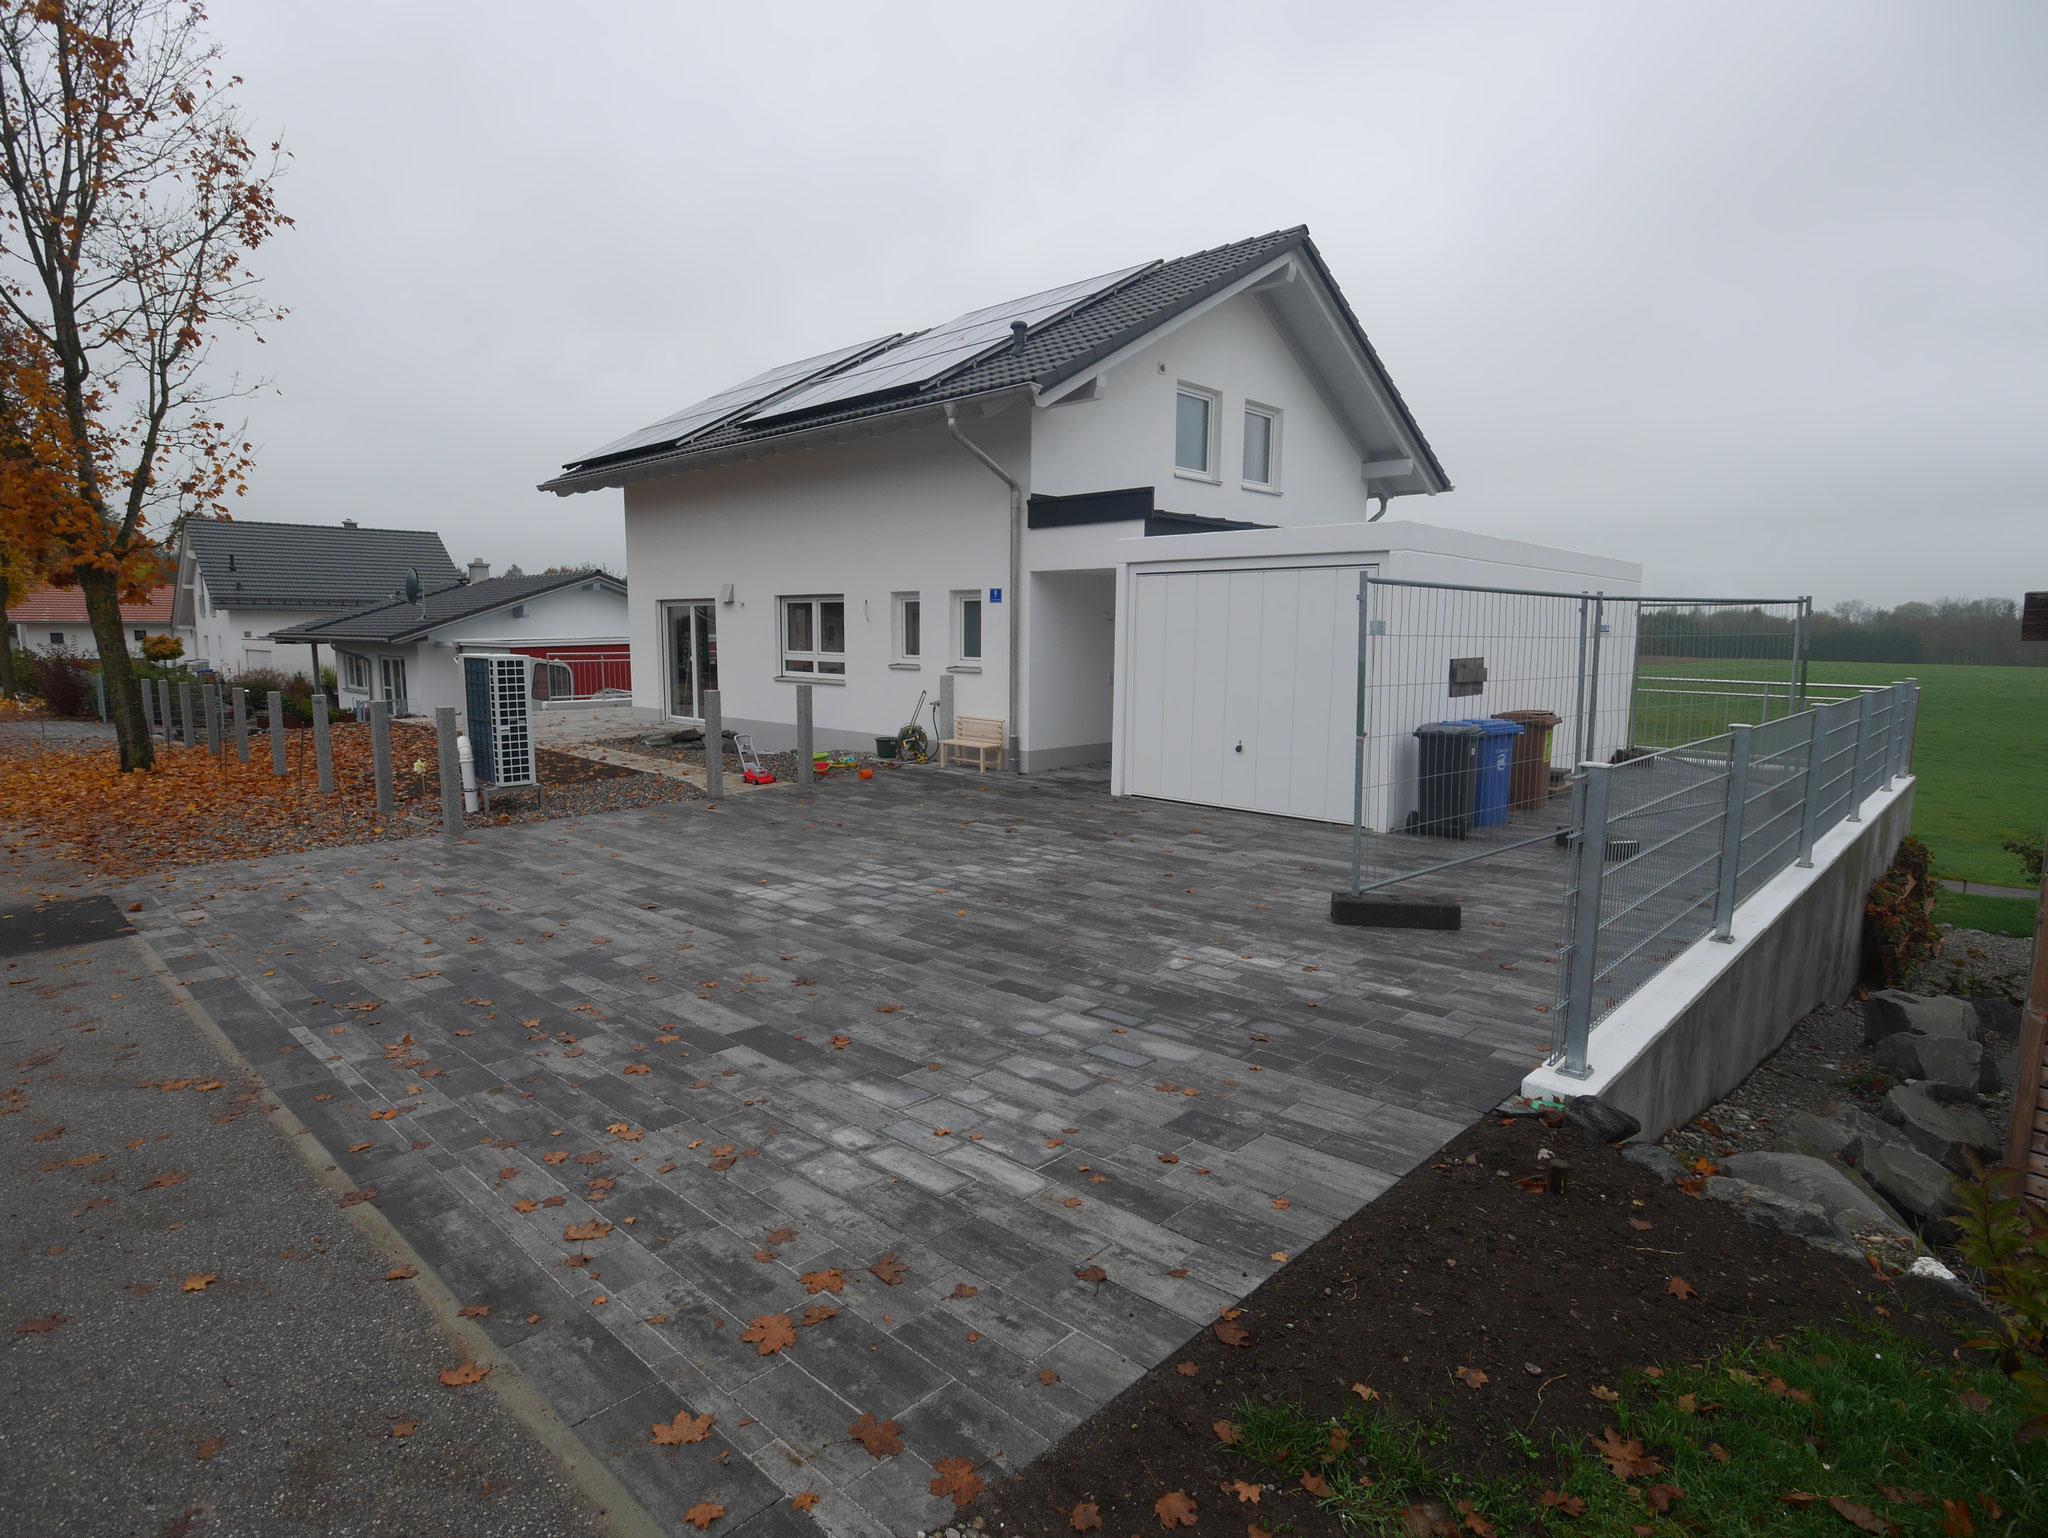 BV: Lauben Schlüsselfertiges EFH mit Garage und Stützwände inkl. Bodenaustausch